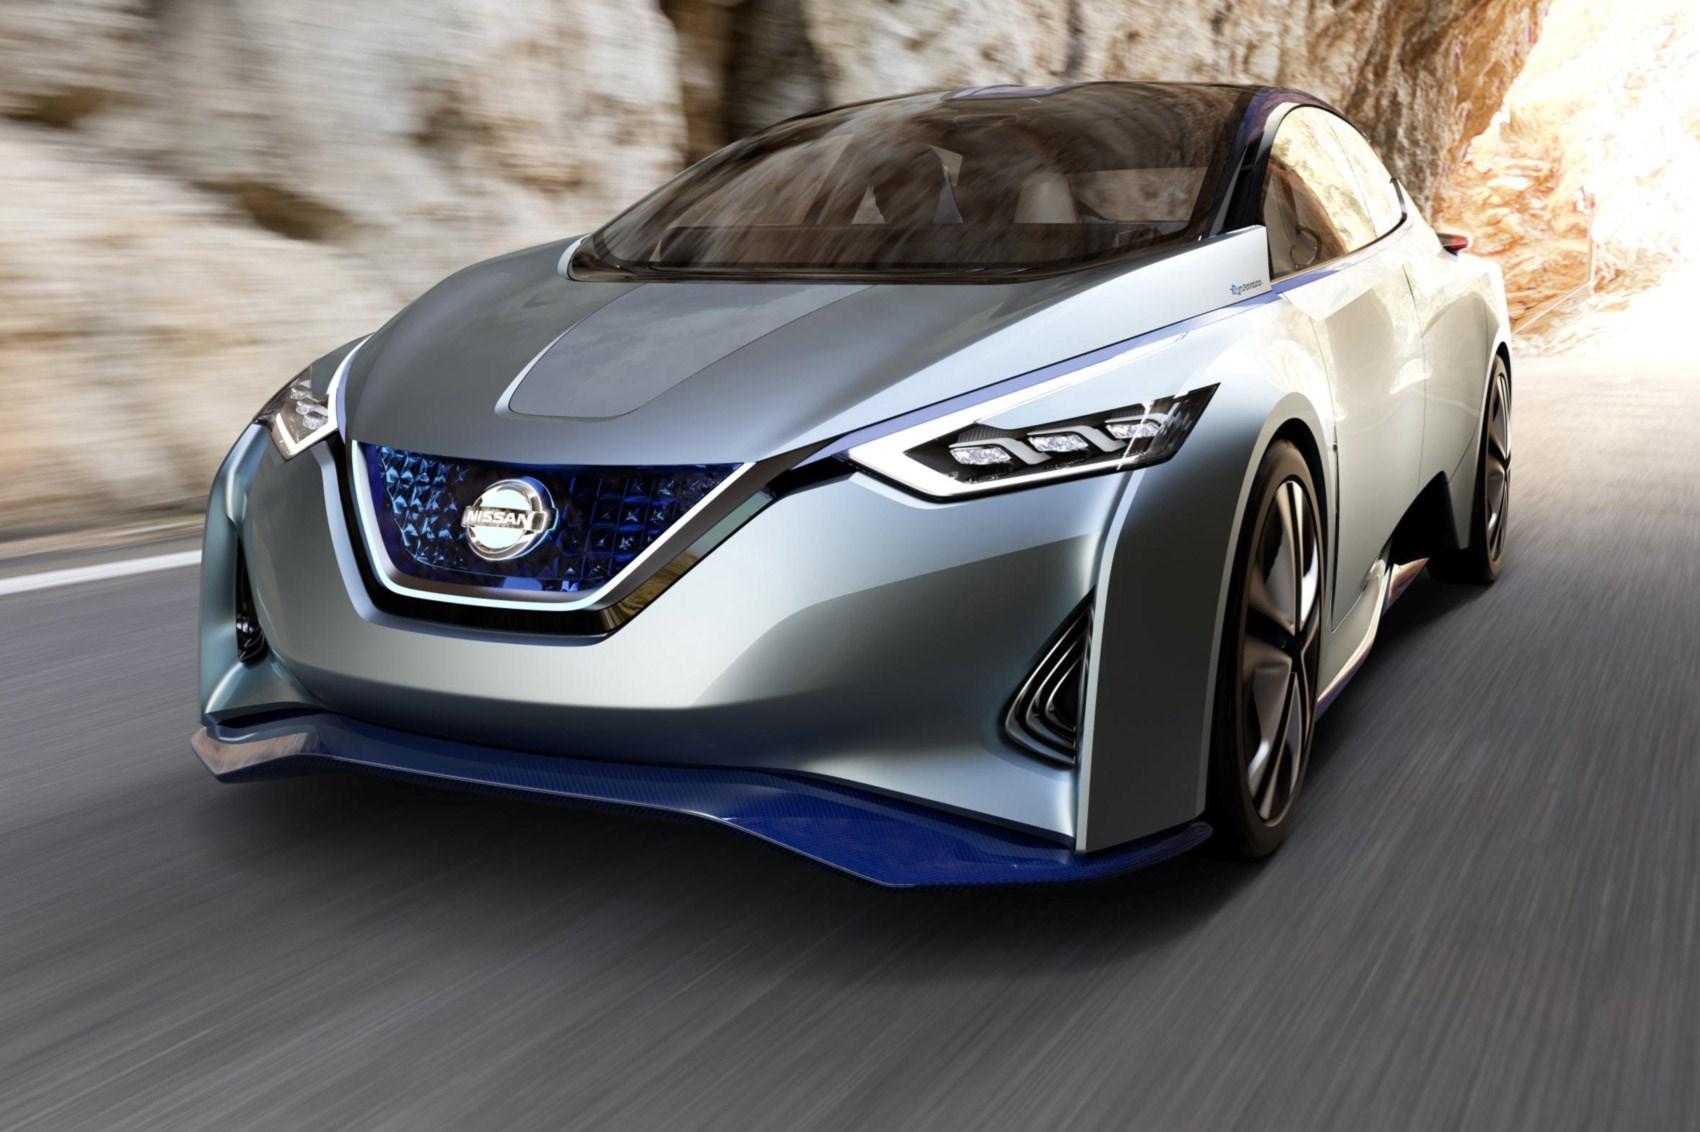 renault nissan forges autonomous plans car magazine. Black Bedroom Furniture Sets. Home Design Ideas